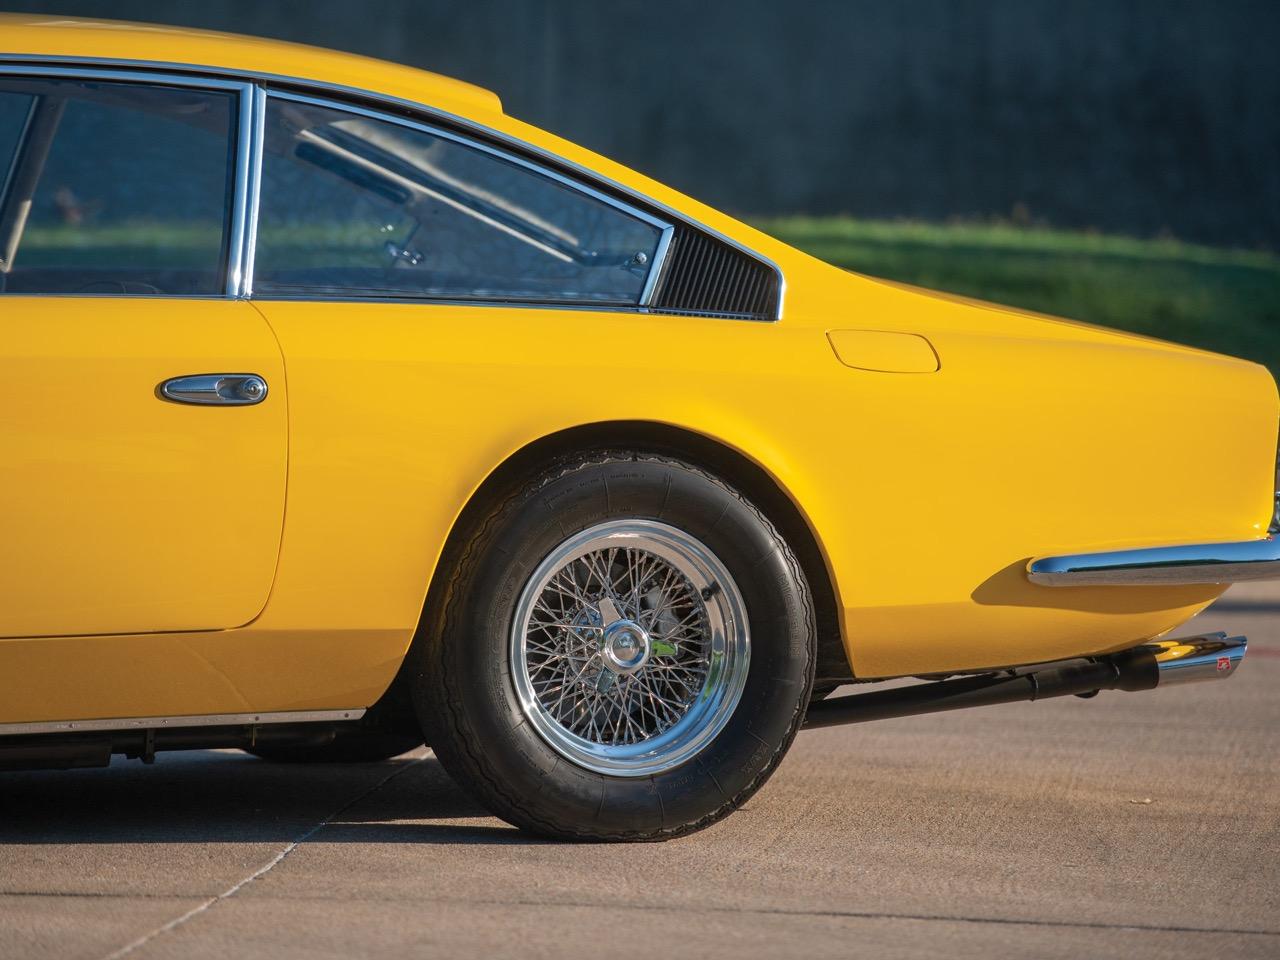 '68 Ferrari 365 GT 2+2 - Le charme des familiales ! 38